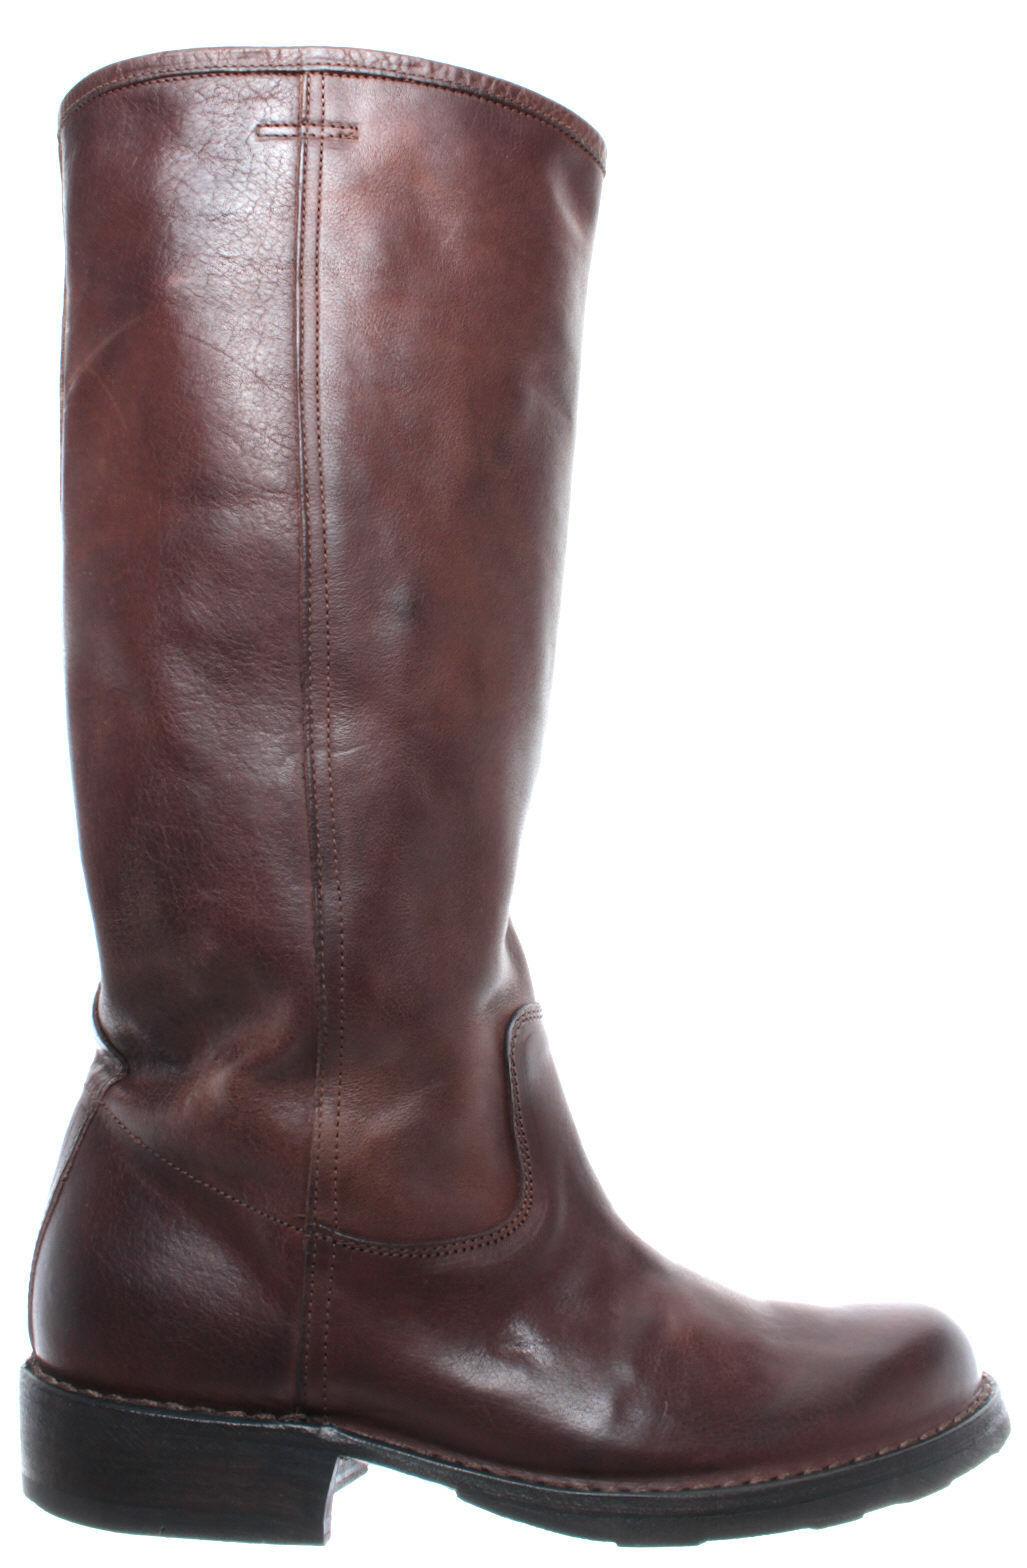 Fiorentini + Baker para Mujeres Zapatos botas botas botas 7460-9 Cusna Bronce Marrón Cuero Nuevo  precio al por mayor